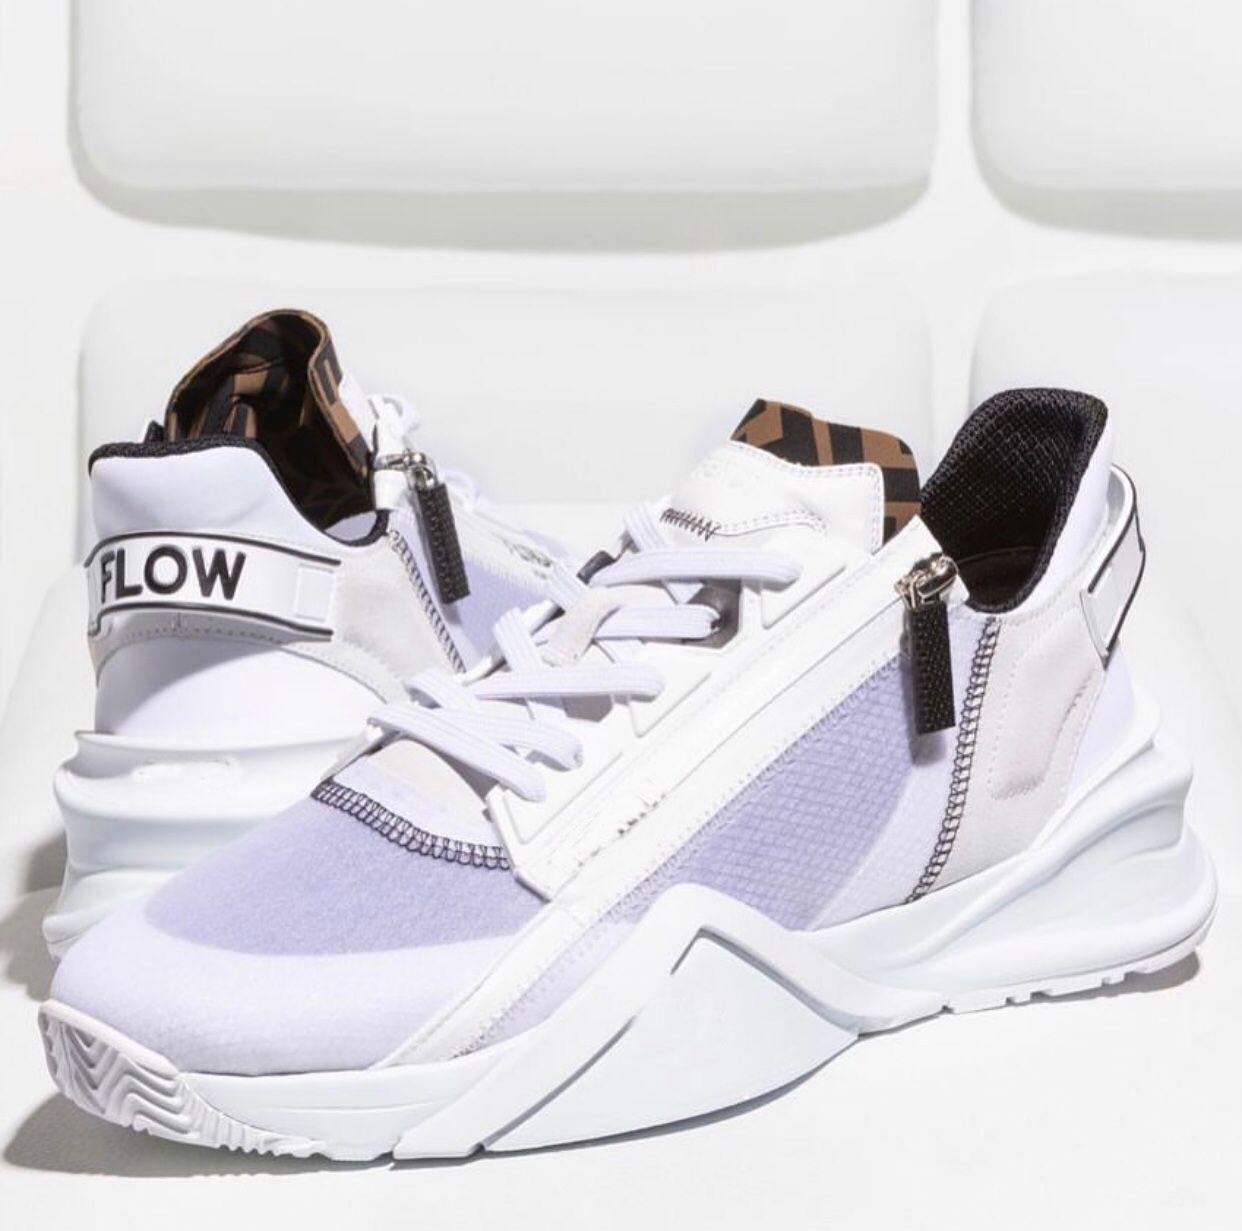 Erkekler Akış Mükemmel Sneakers Ayakkabı Konfor Casual erkek Spor Fermuar Kauçuk Hafif Kaykay Koşucu Taban Tech Kumaş Açık Antrenör Kutusu